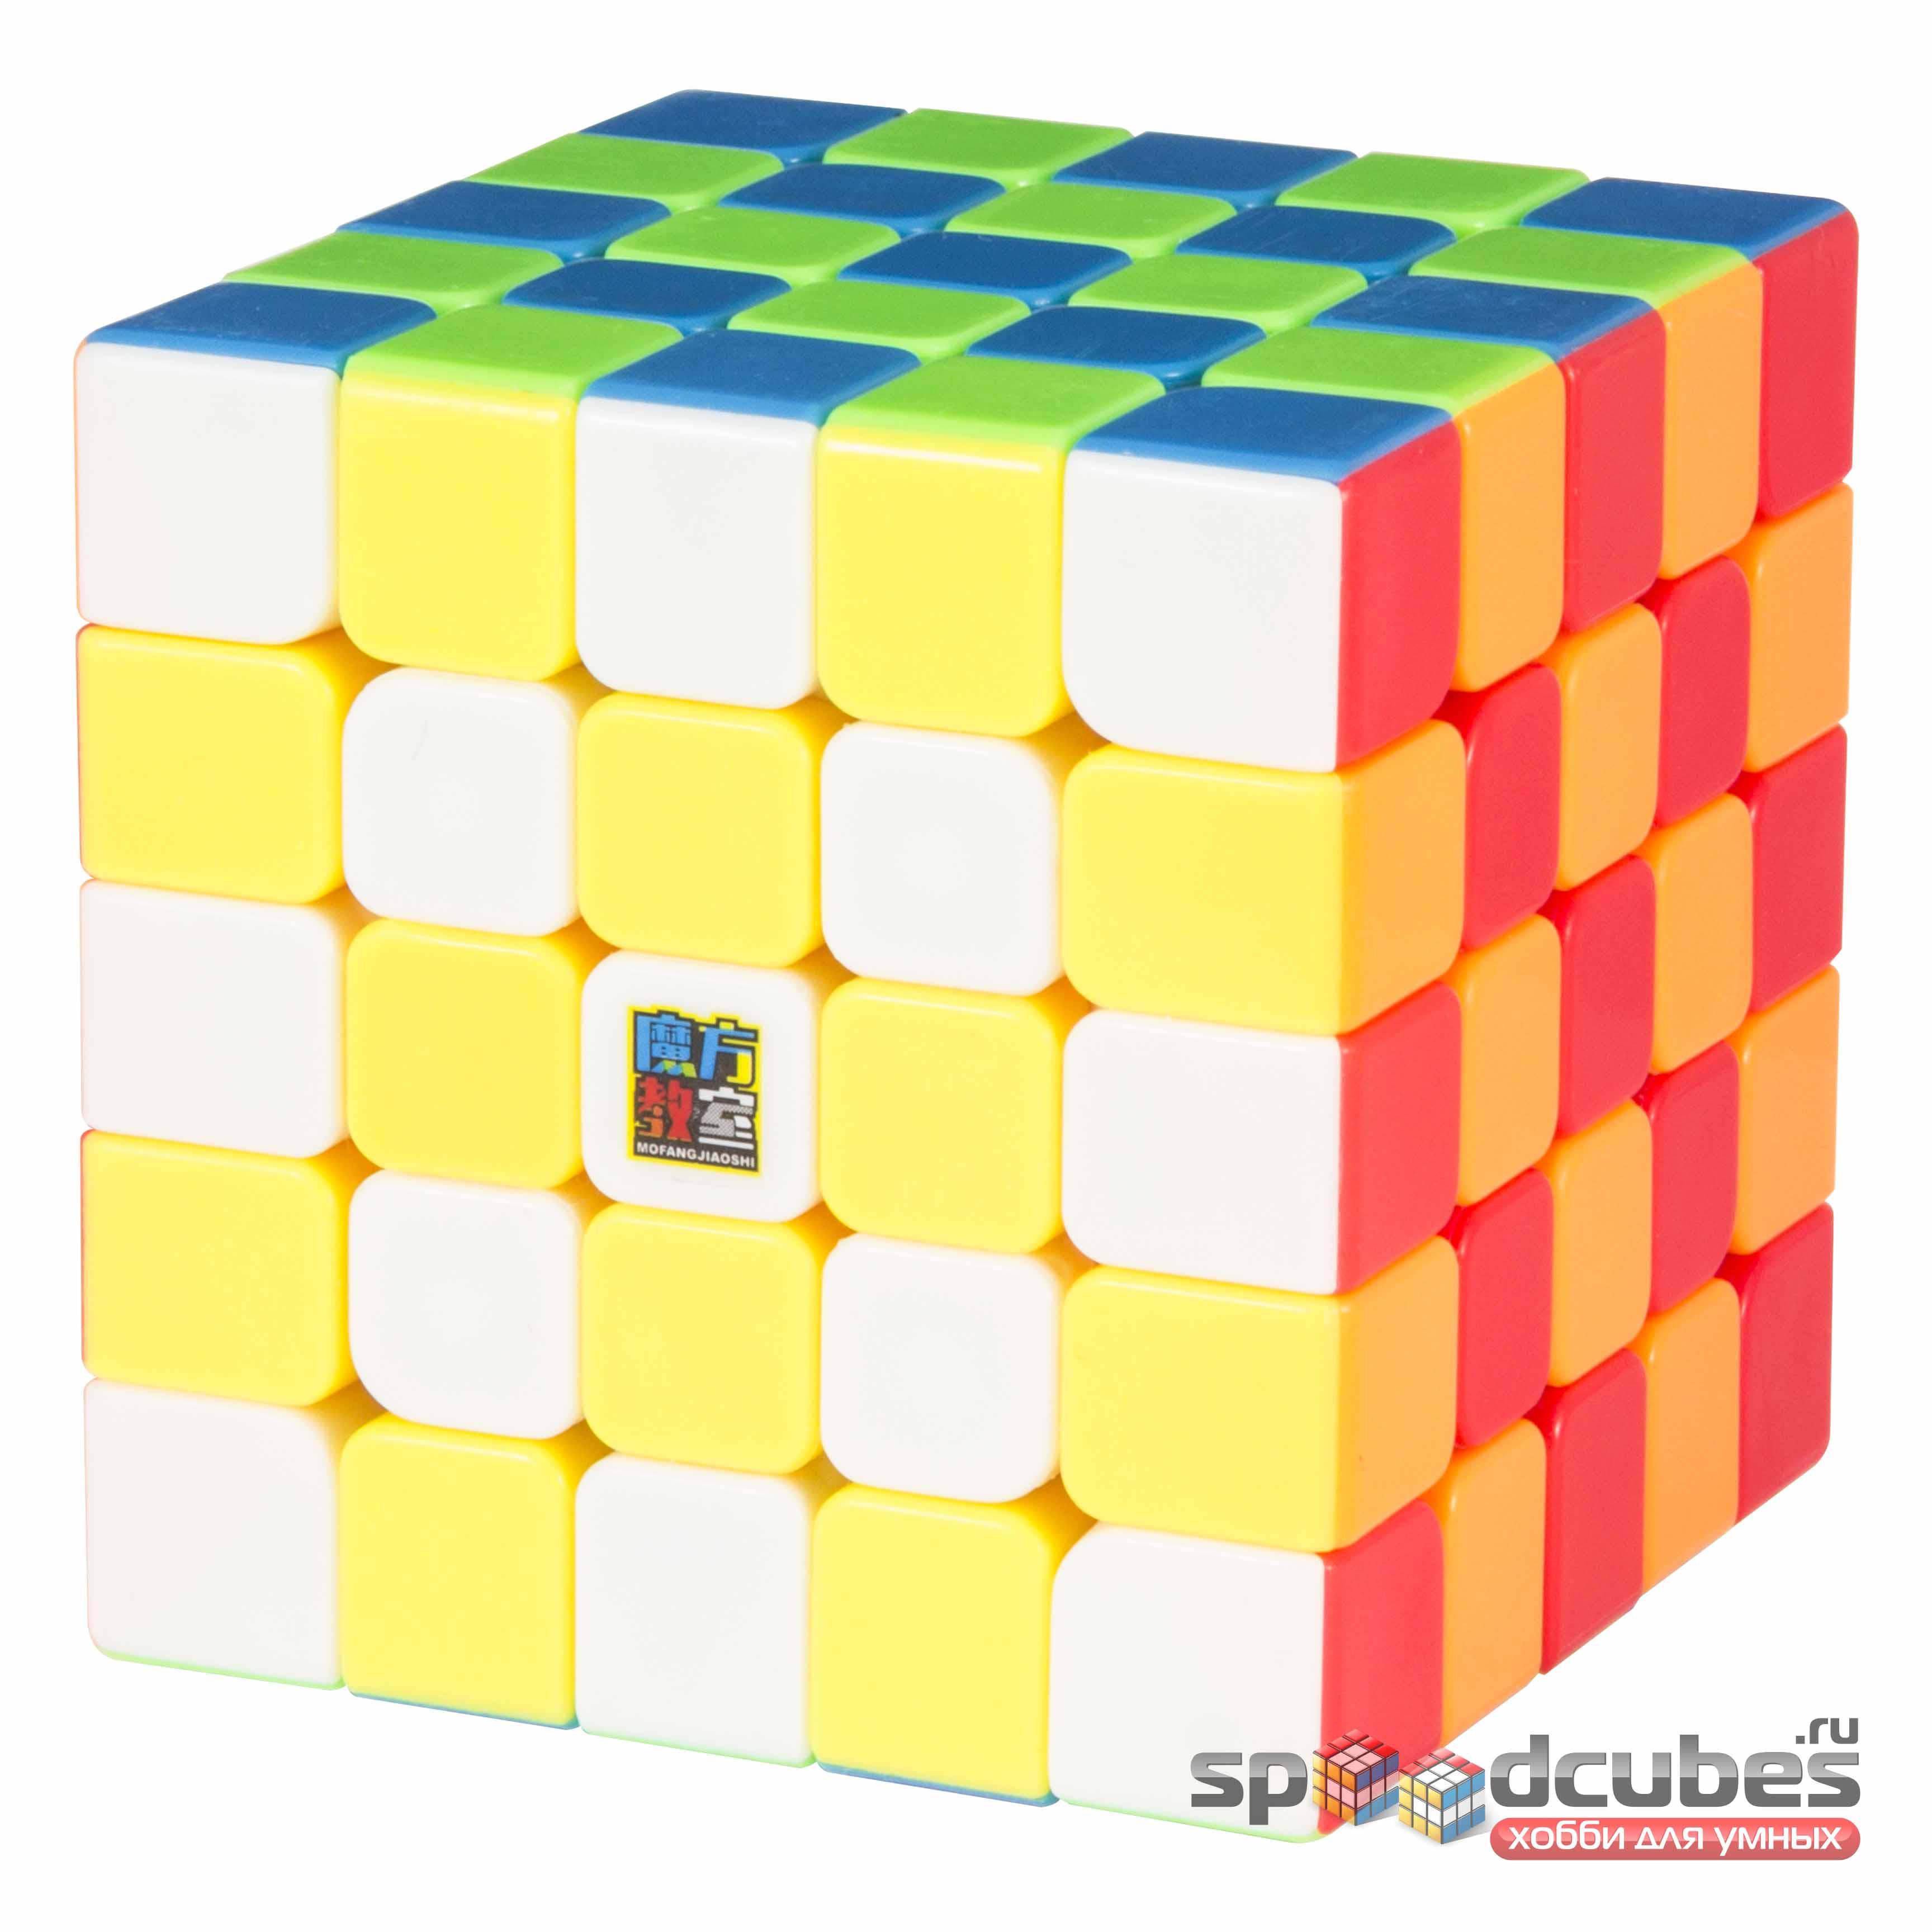 MoYu 5x5x5 MofangJiaoshi MF5 Color 3